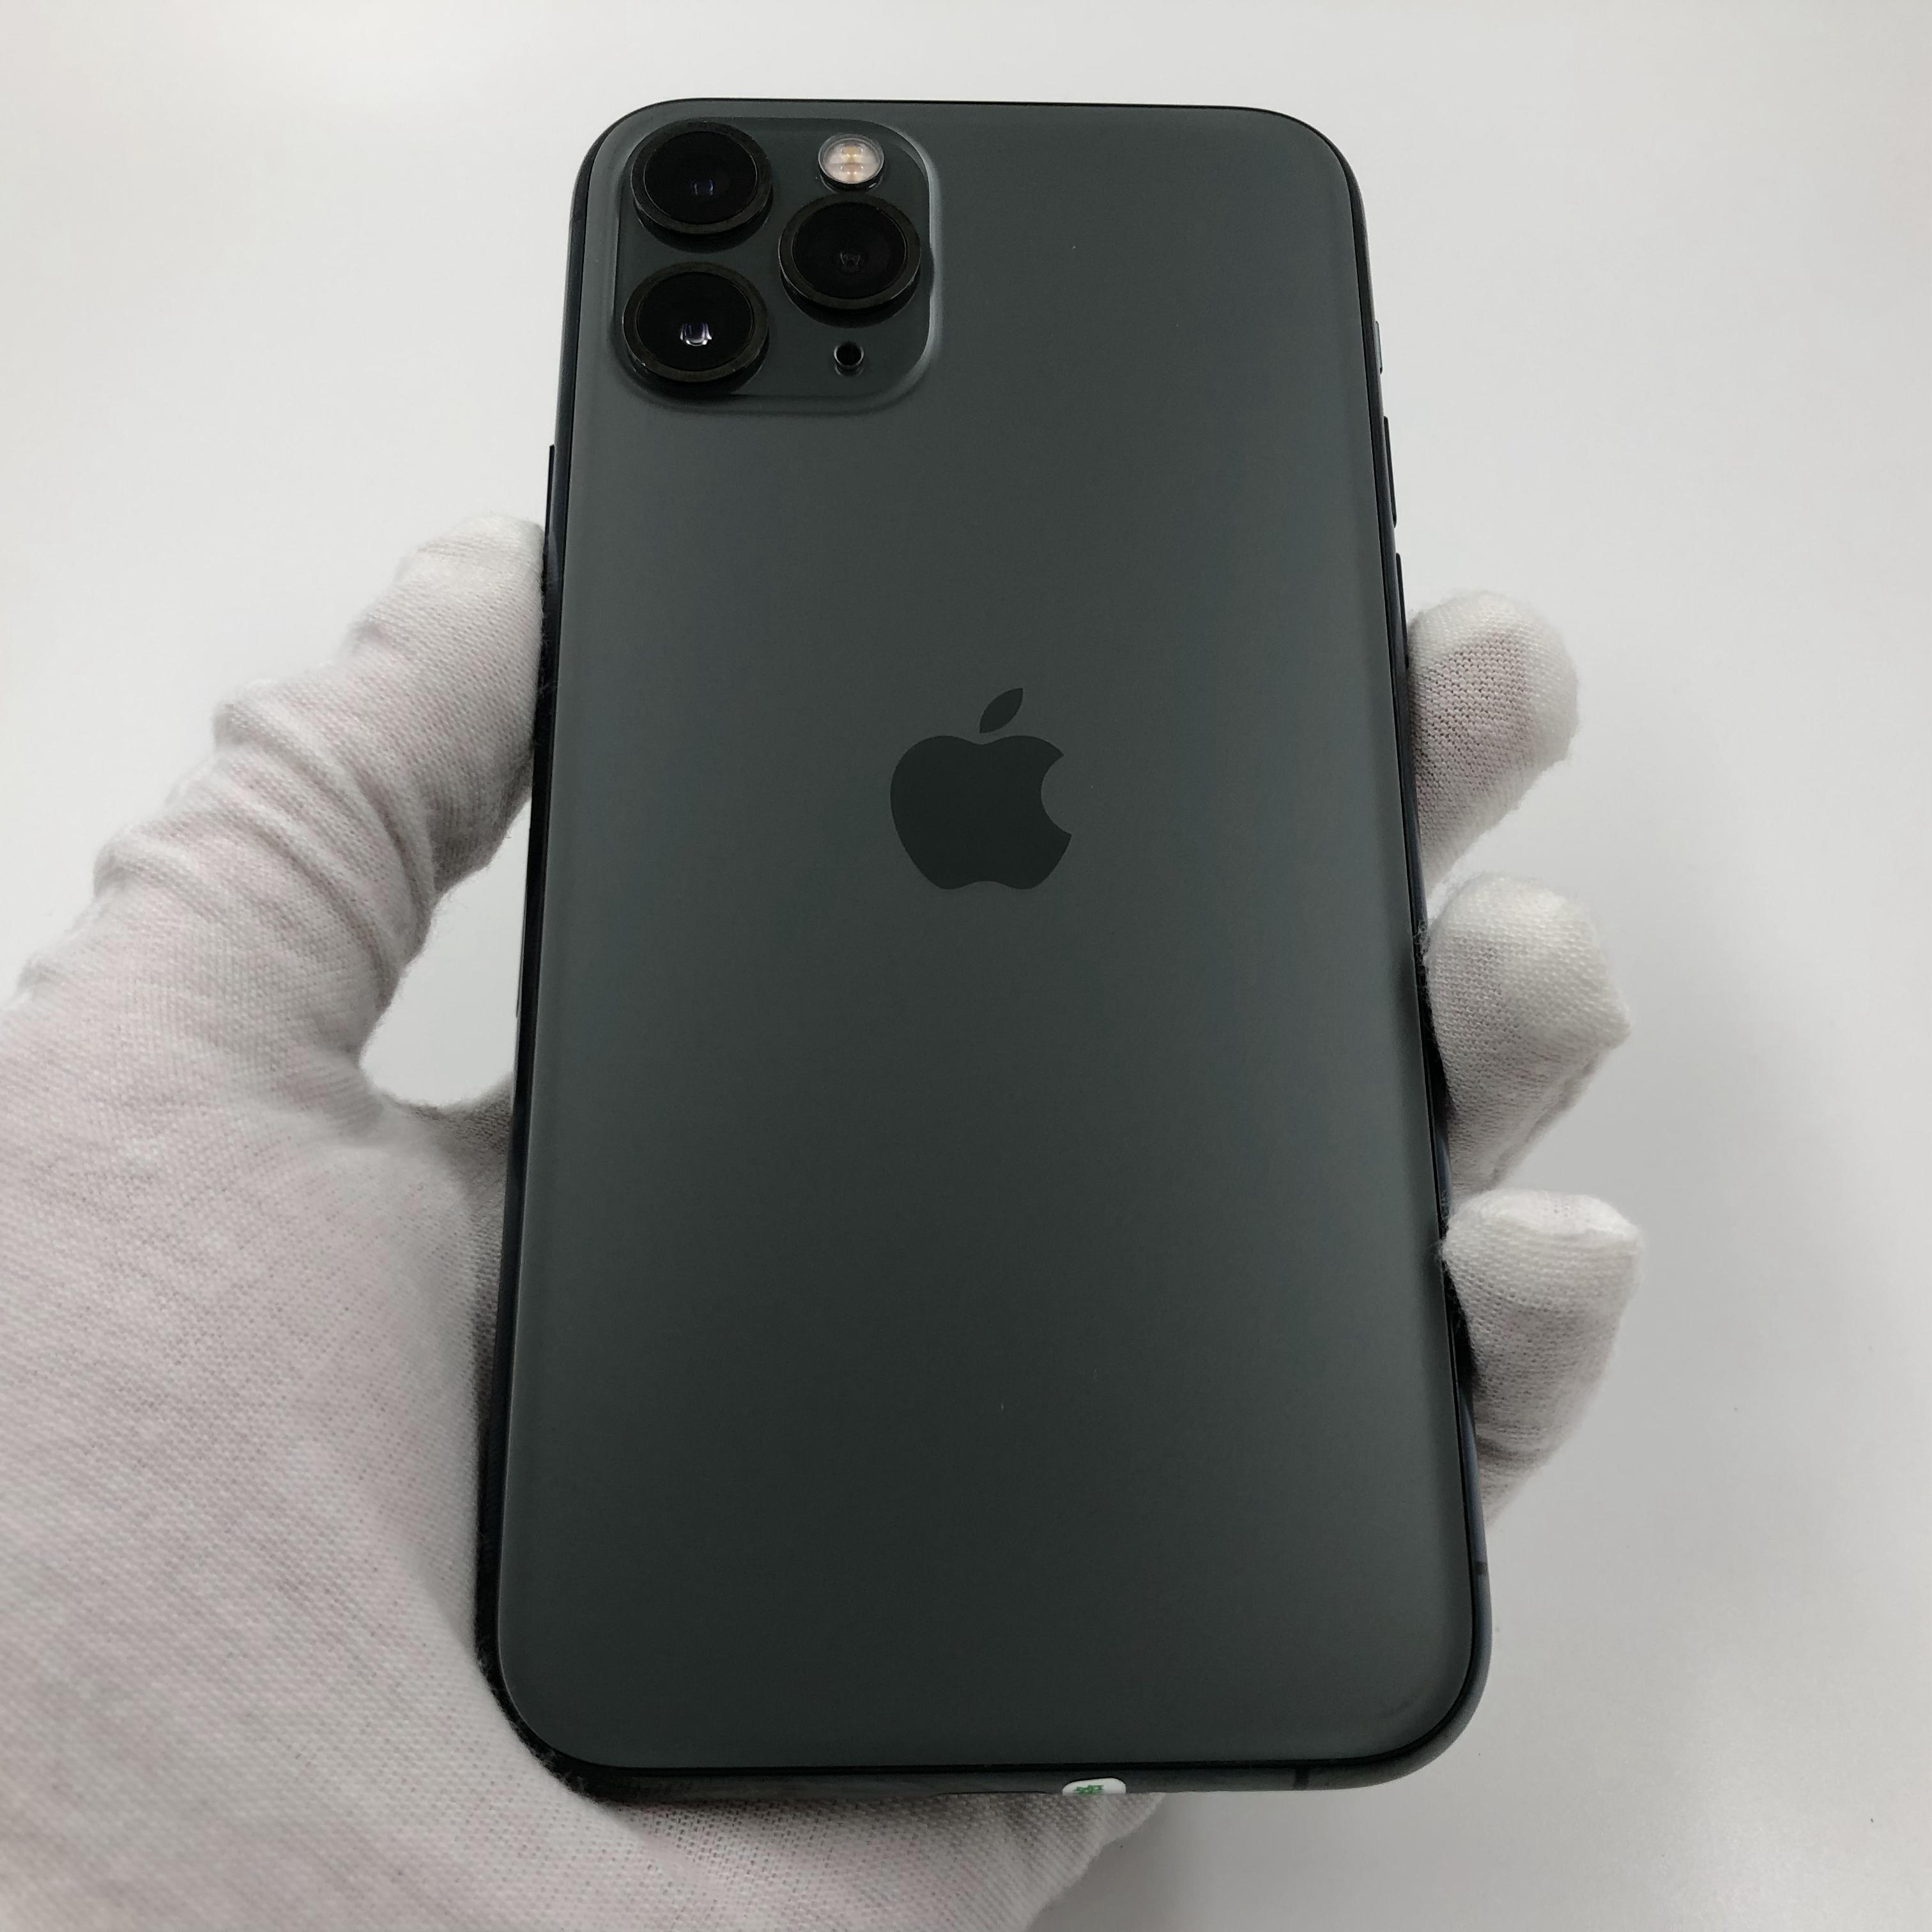 苹果【iPhone 11 Pro】4G全网通 暗夜绿色 256G 国行 95新 真机实拍官保2021-10-03